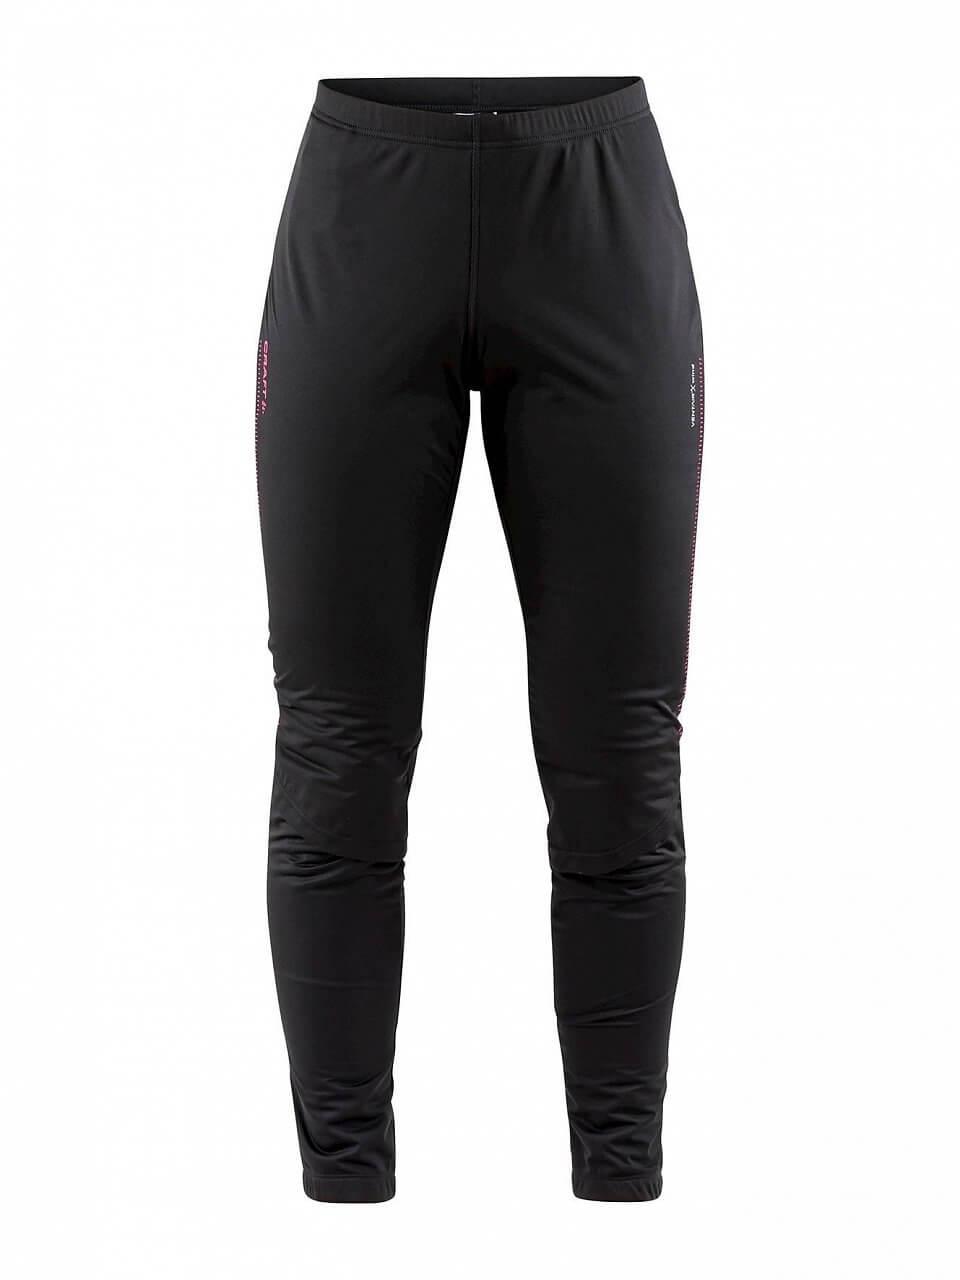 Kalhoty Craft W Kalhoty Storm 2.0 černá s růžovou